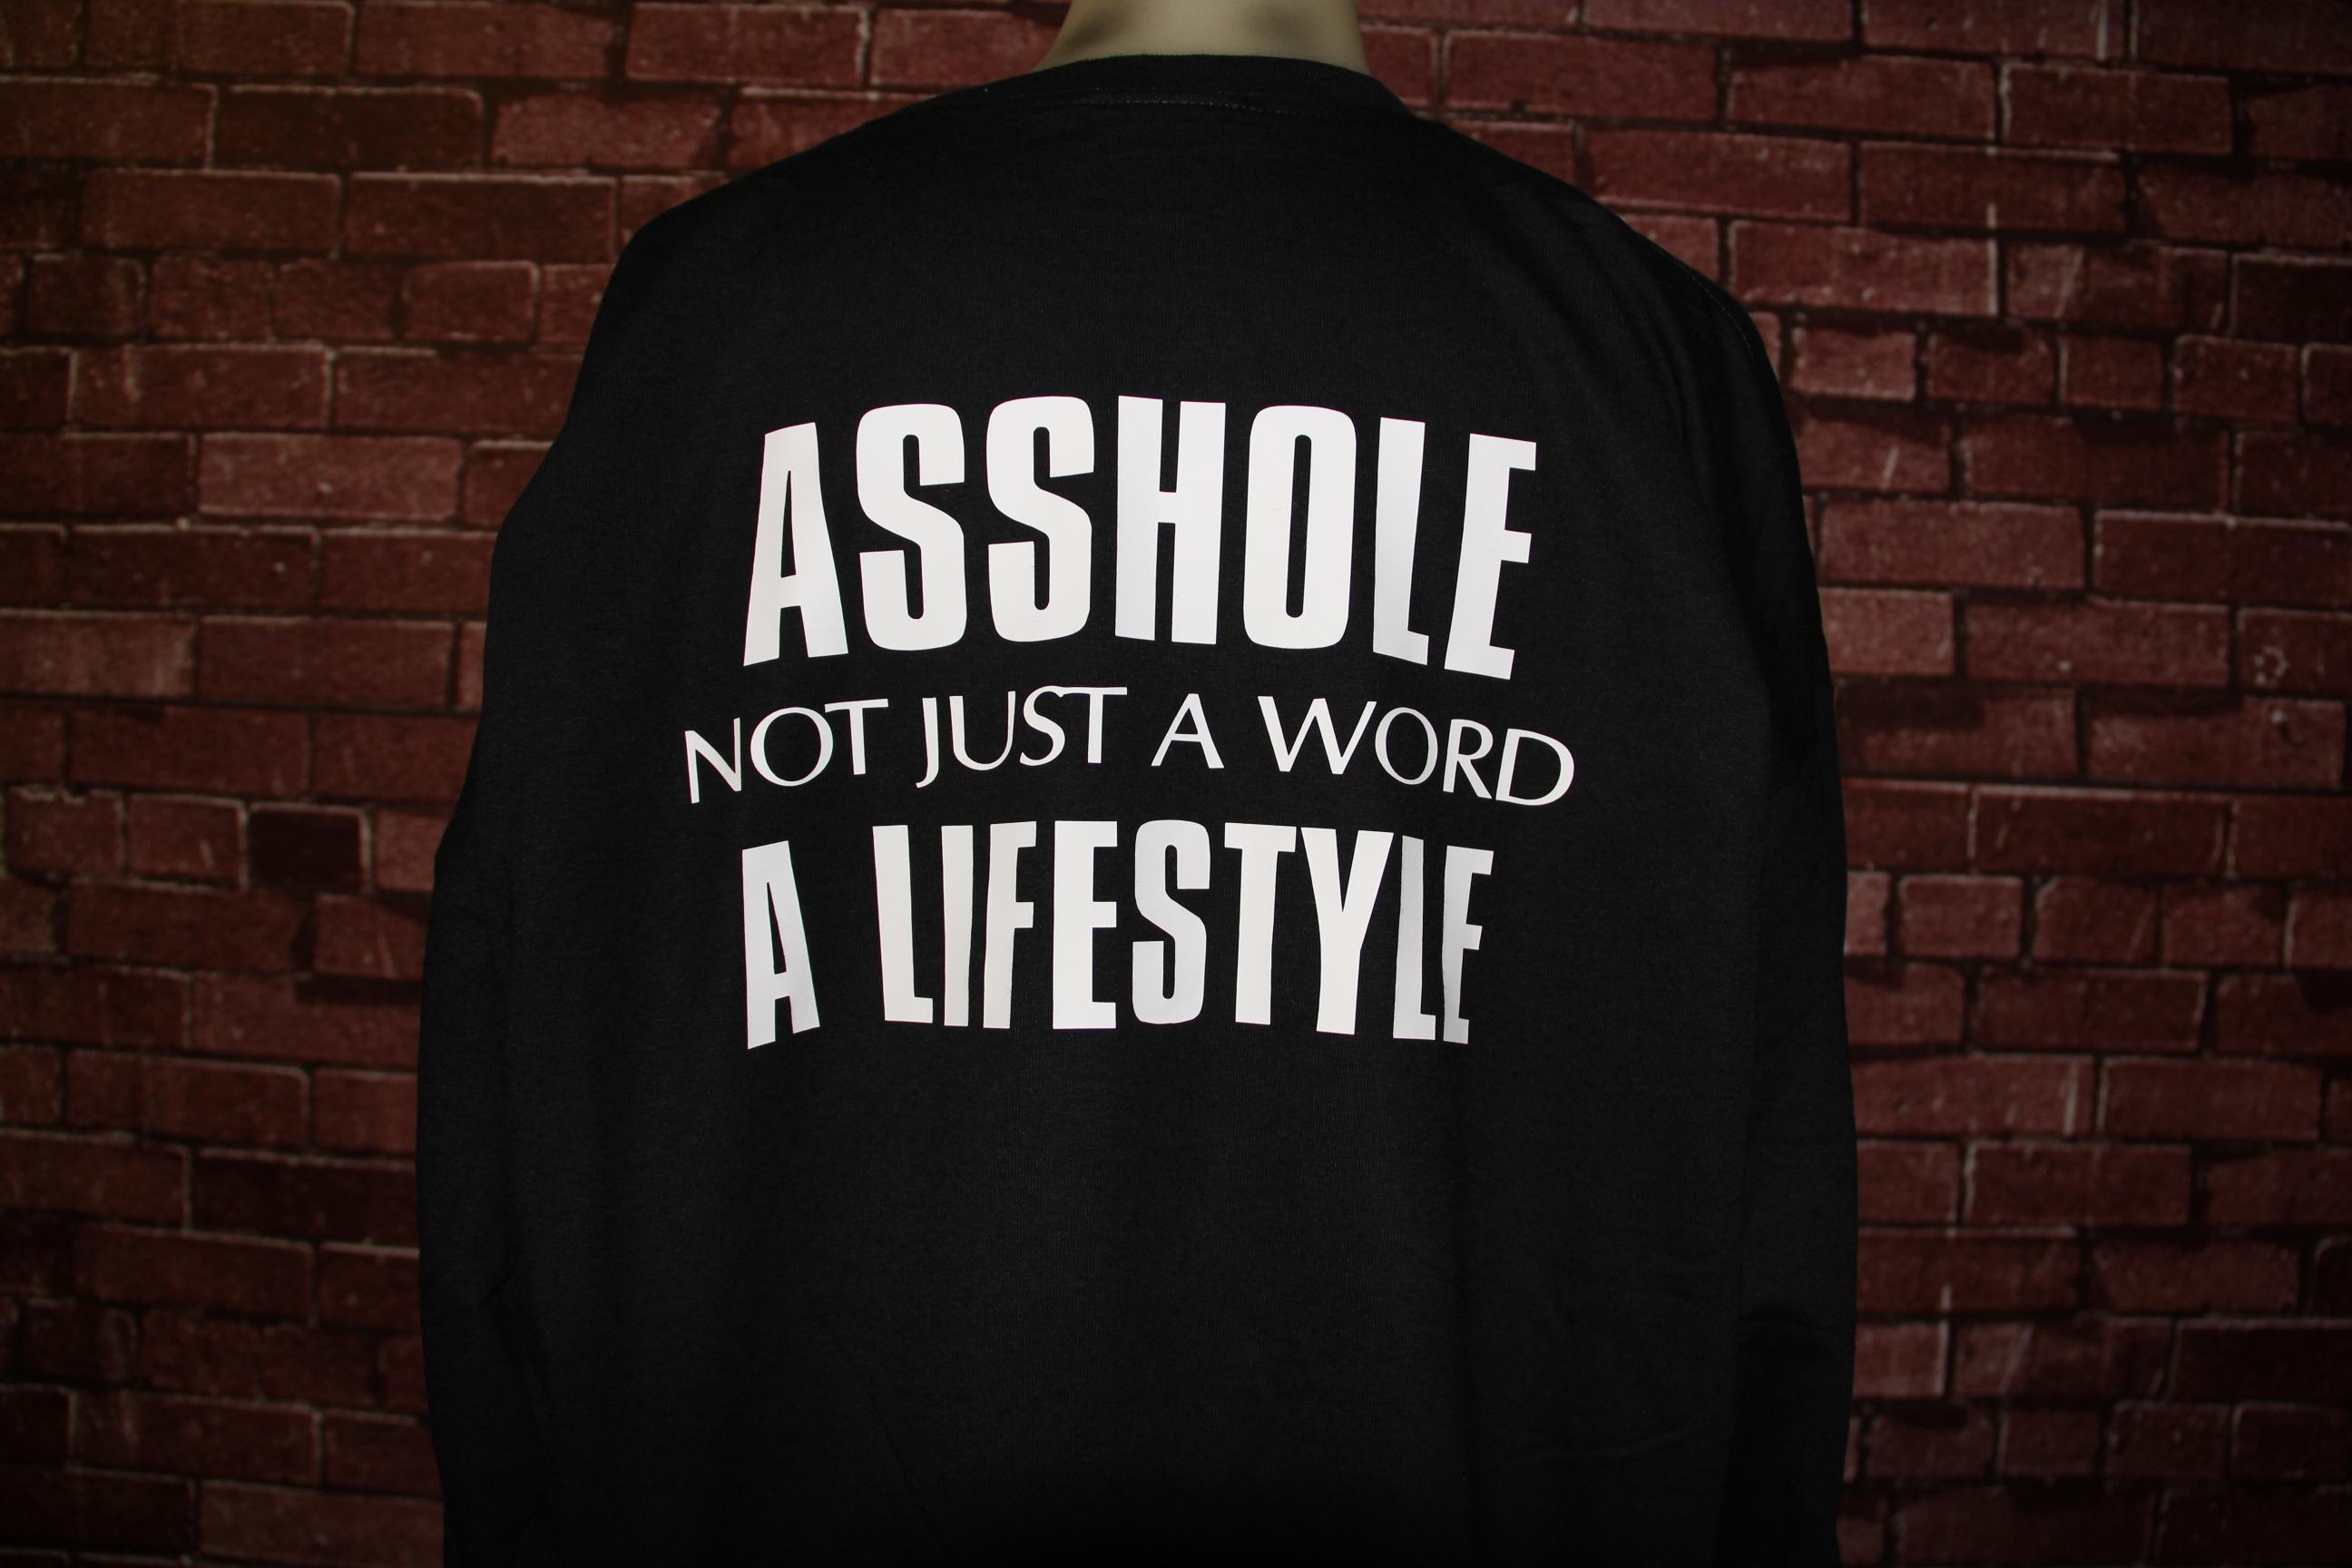 asshole-not-just-a-word-a-lifestyle-biker-t-shirts.jpg